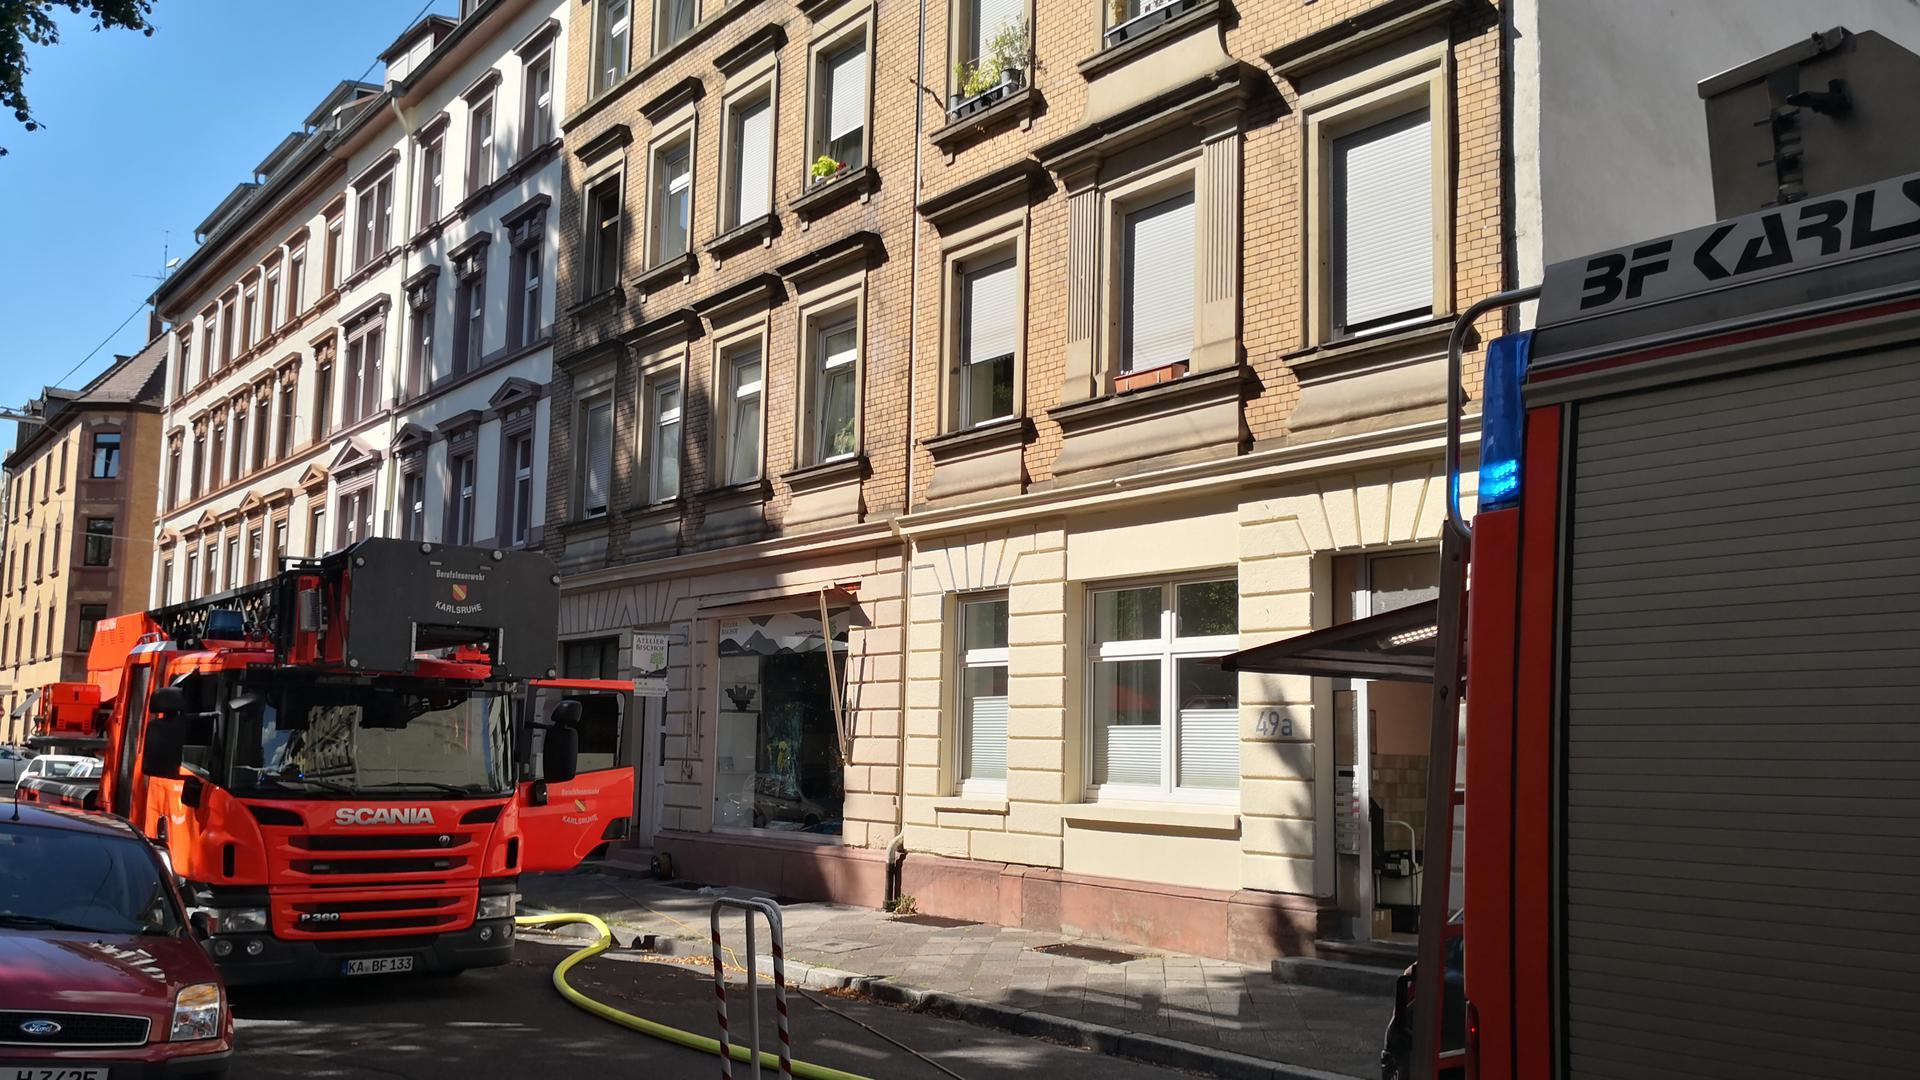 Die Feuerwehr war am Donnerstag in der Karlsruher Augartenstraße im Einsatz.